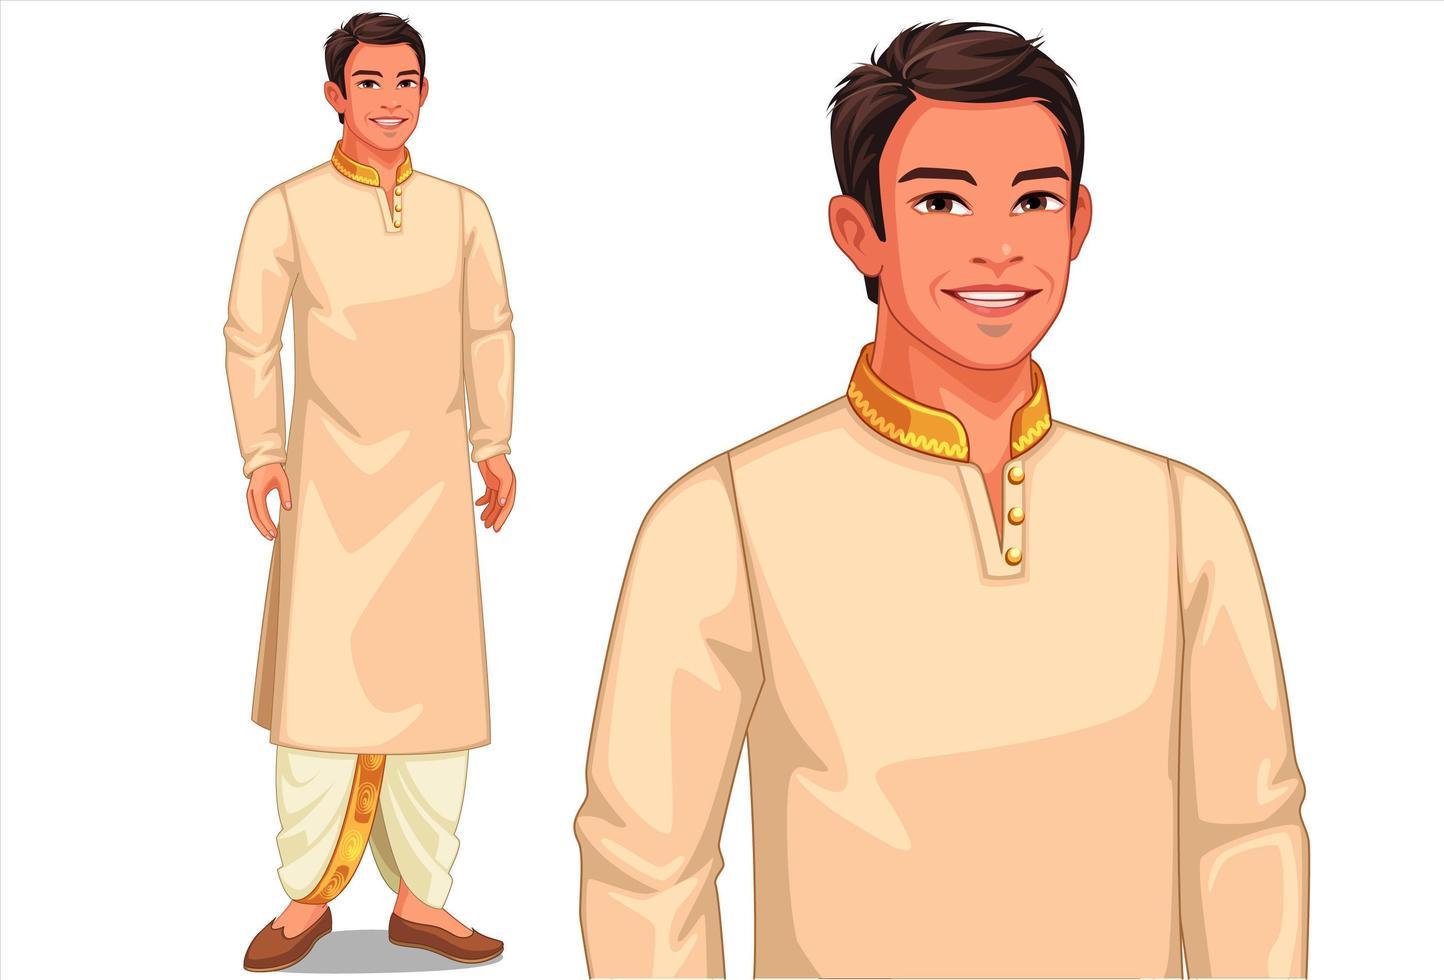 Mann in traditioneller indischer Kleidung vektor